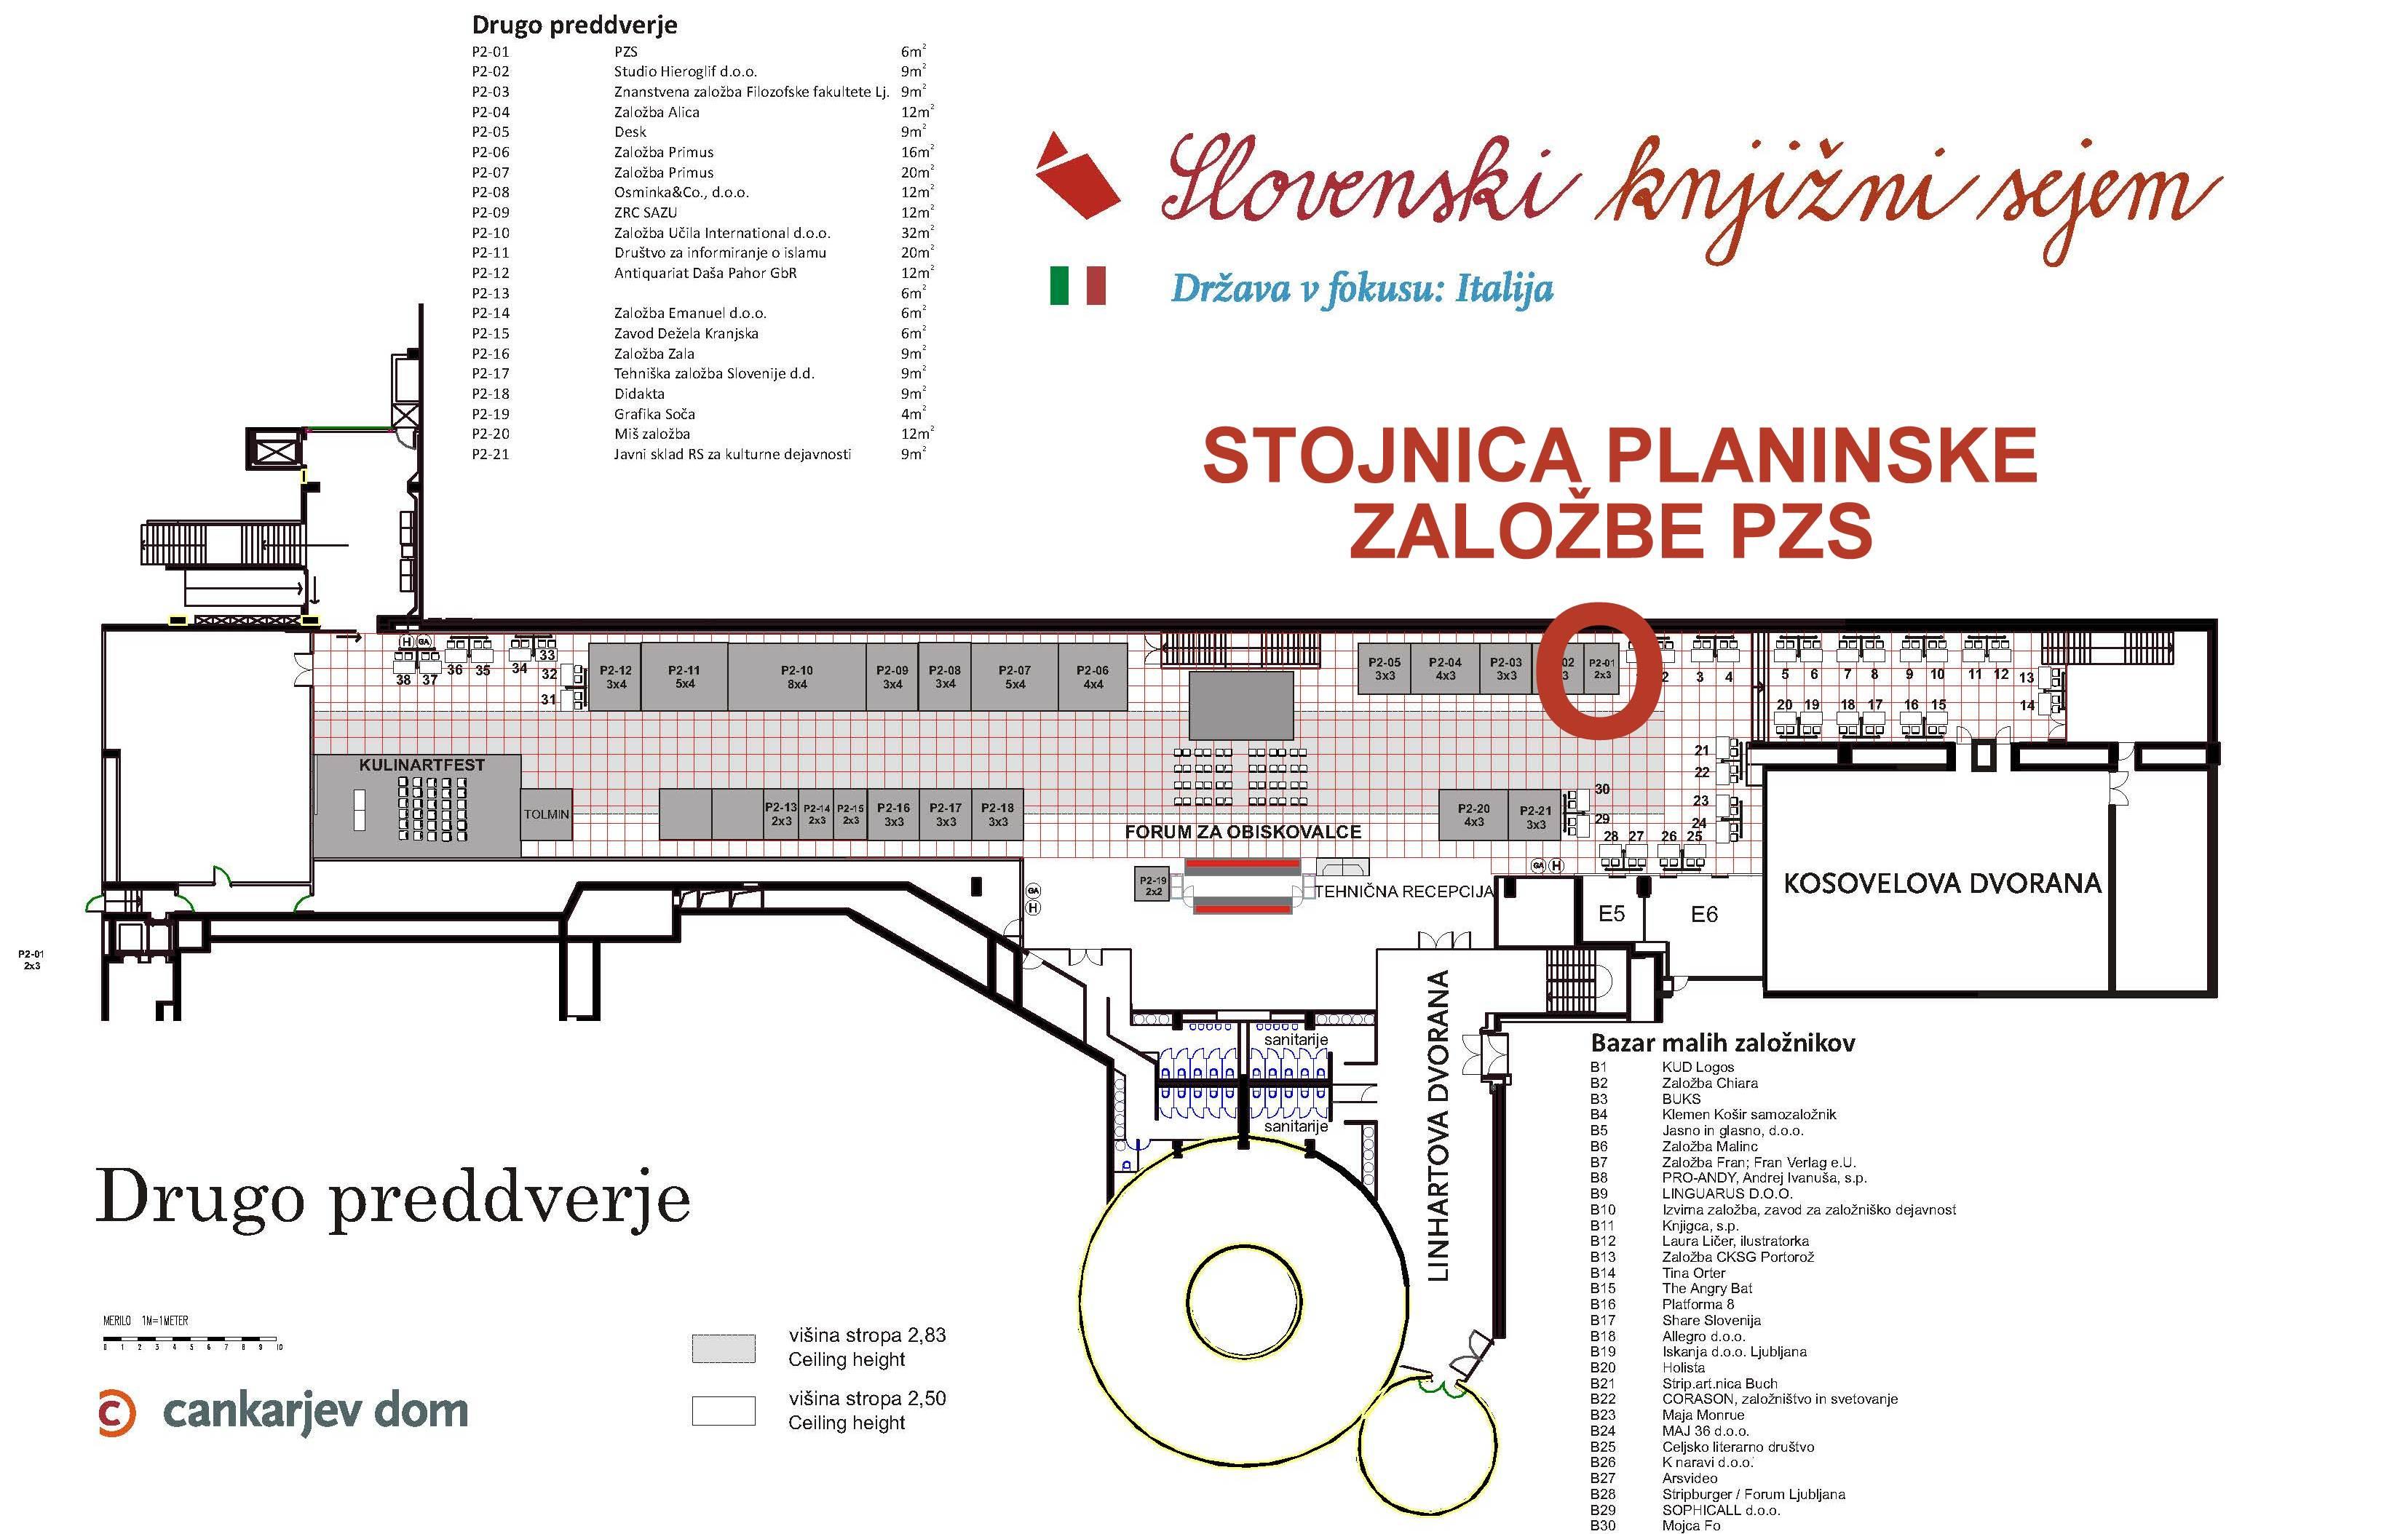 32_slovenski_knjizni_sejem_zemljevid